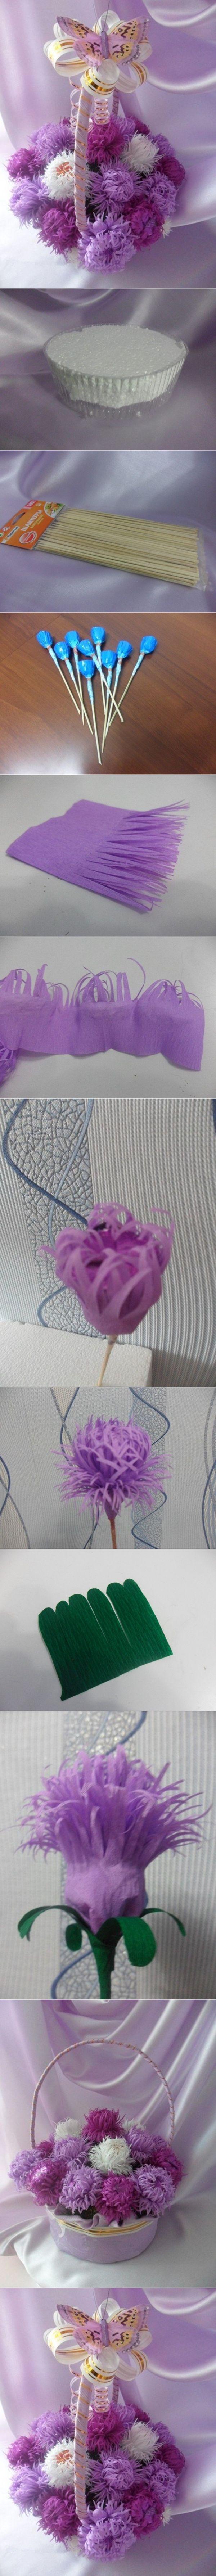 Flower bouquet tutorials